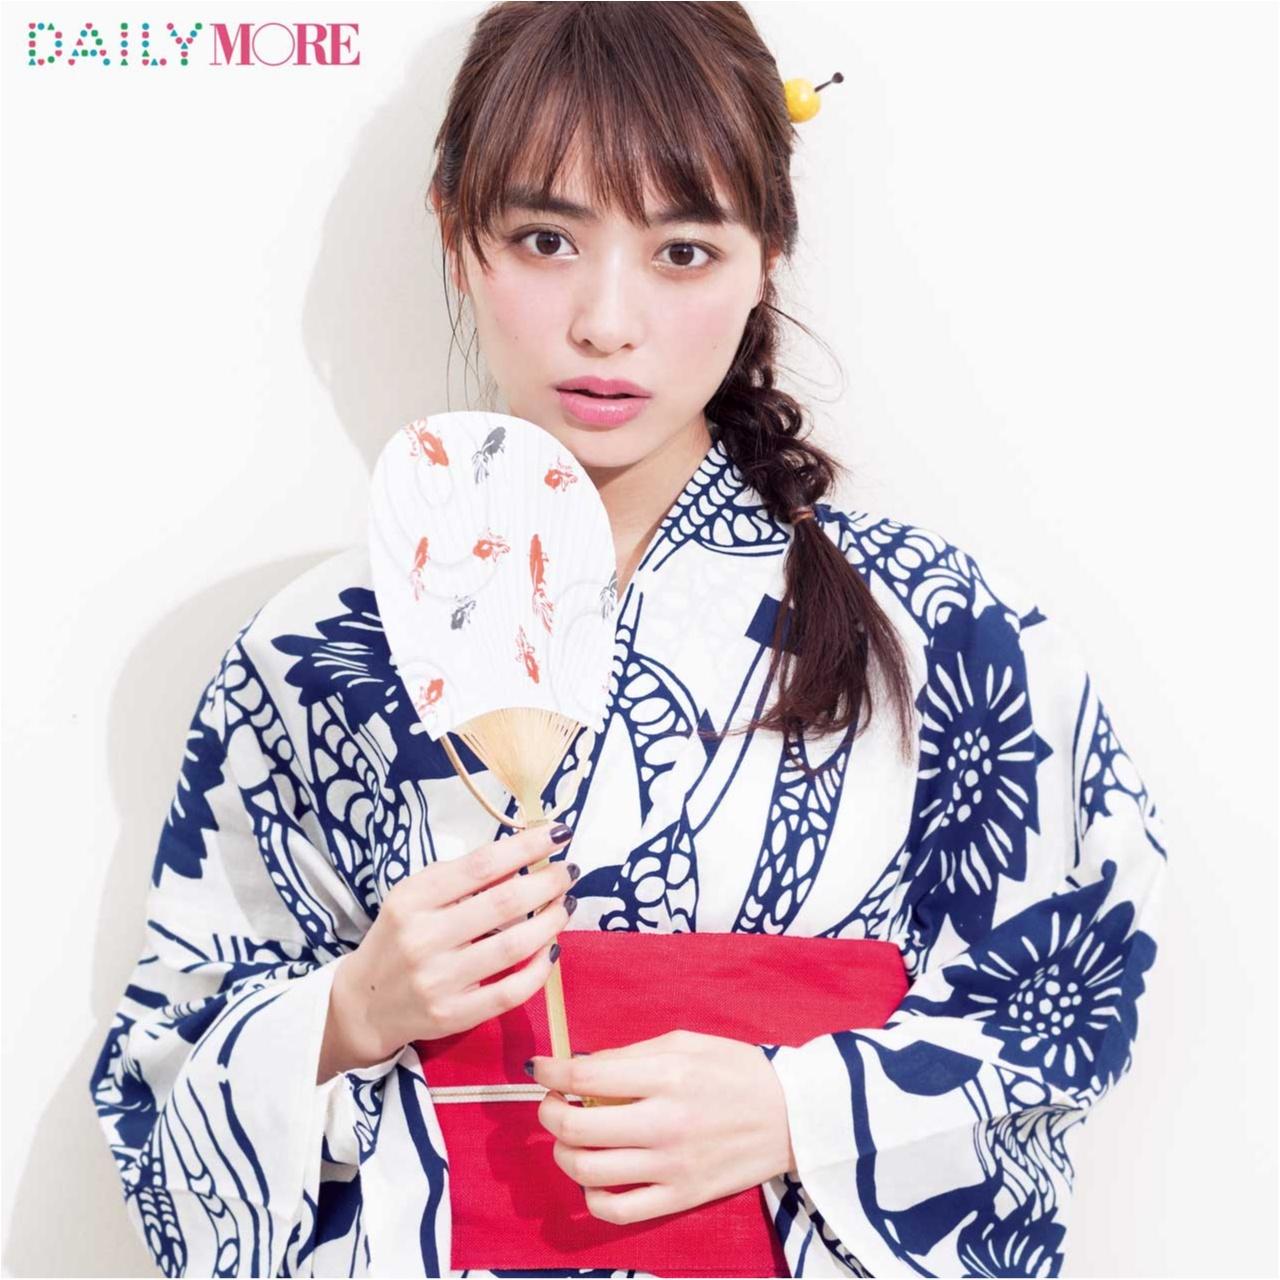 内田理央出演! 大人気ヘア&メイク、イガリシノブさんの「彼と浴衣でお祭りに行く日」のメイク♡_1